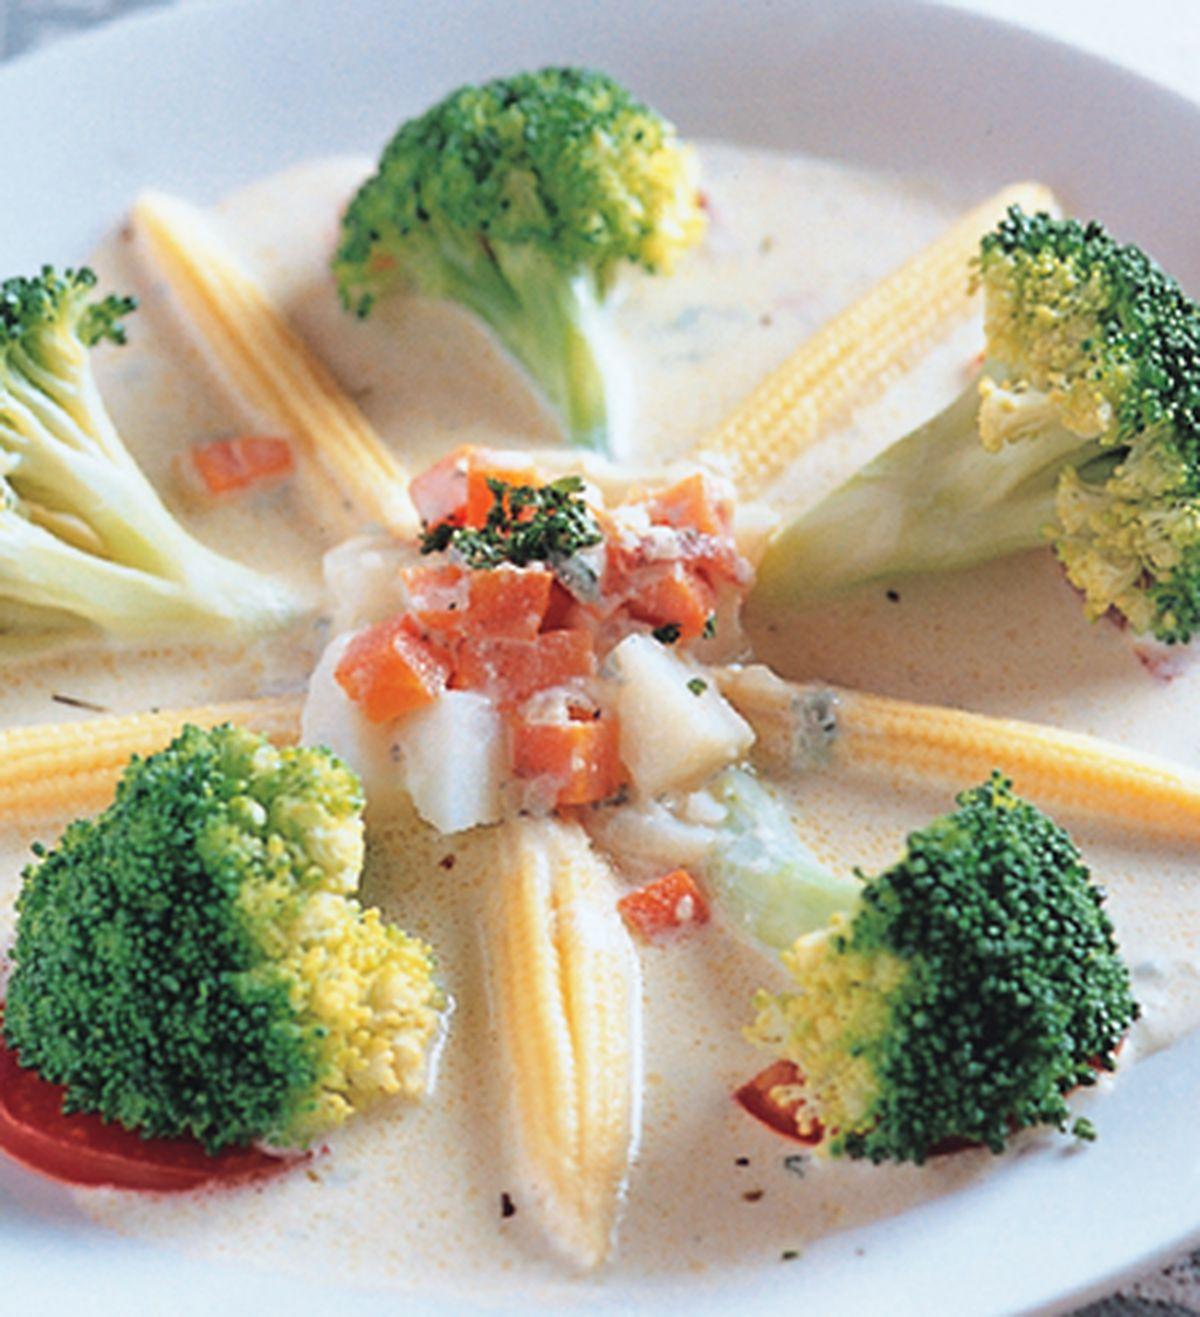 食譜:藍黴起士燴蔬菜